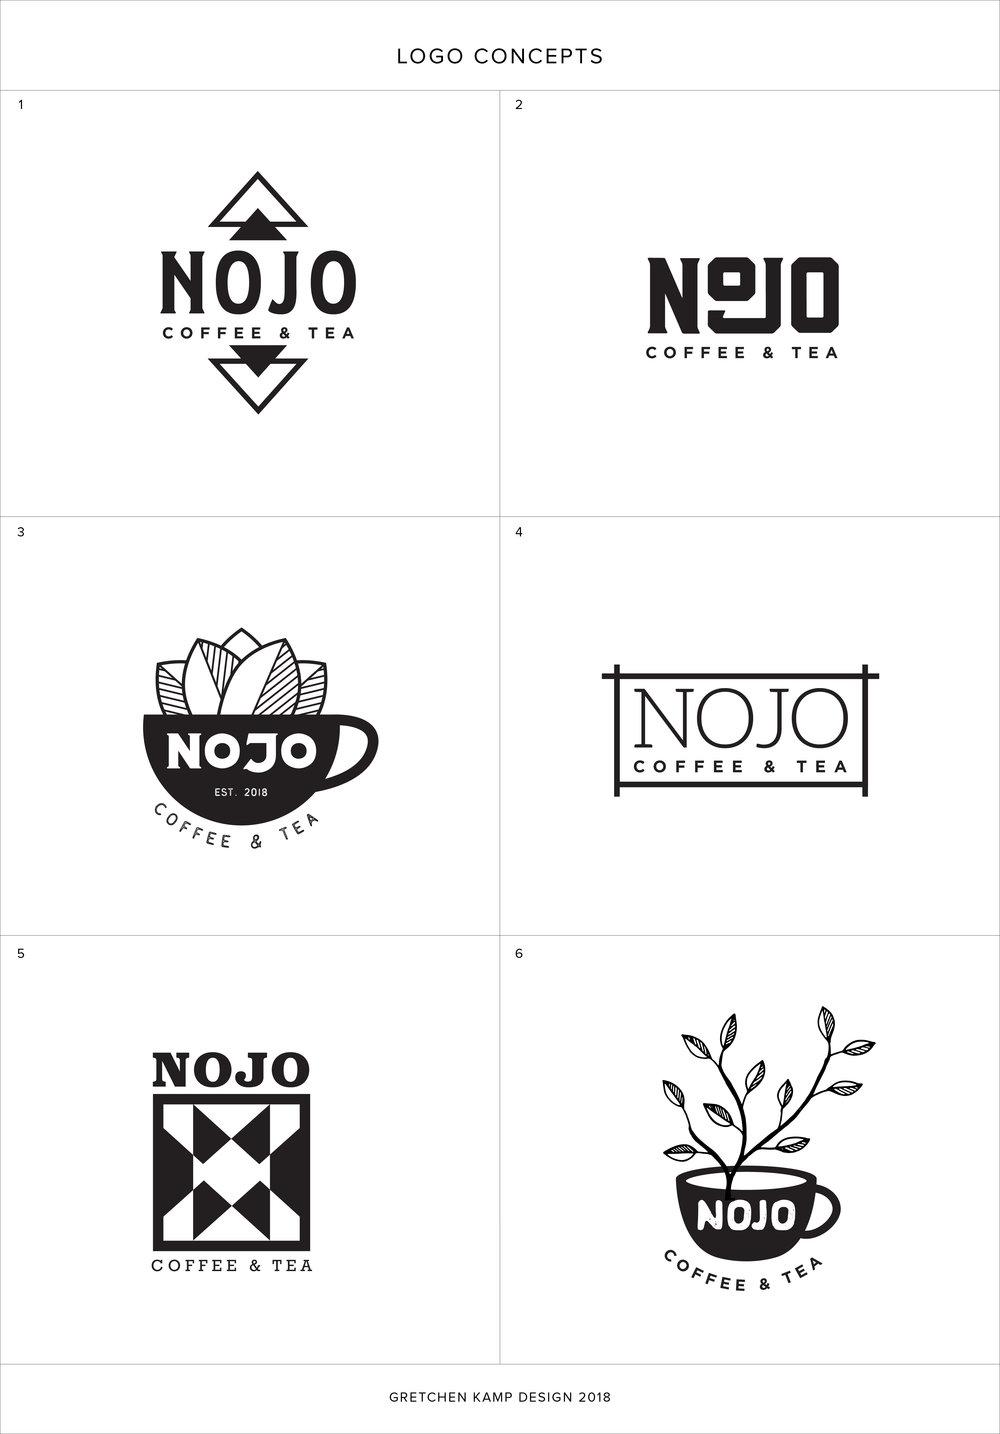 Nojo_Logos_v01-01.jpg